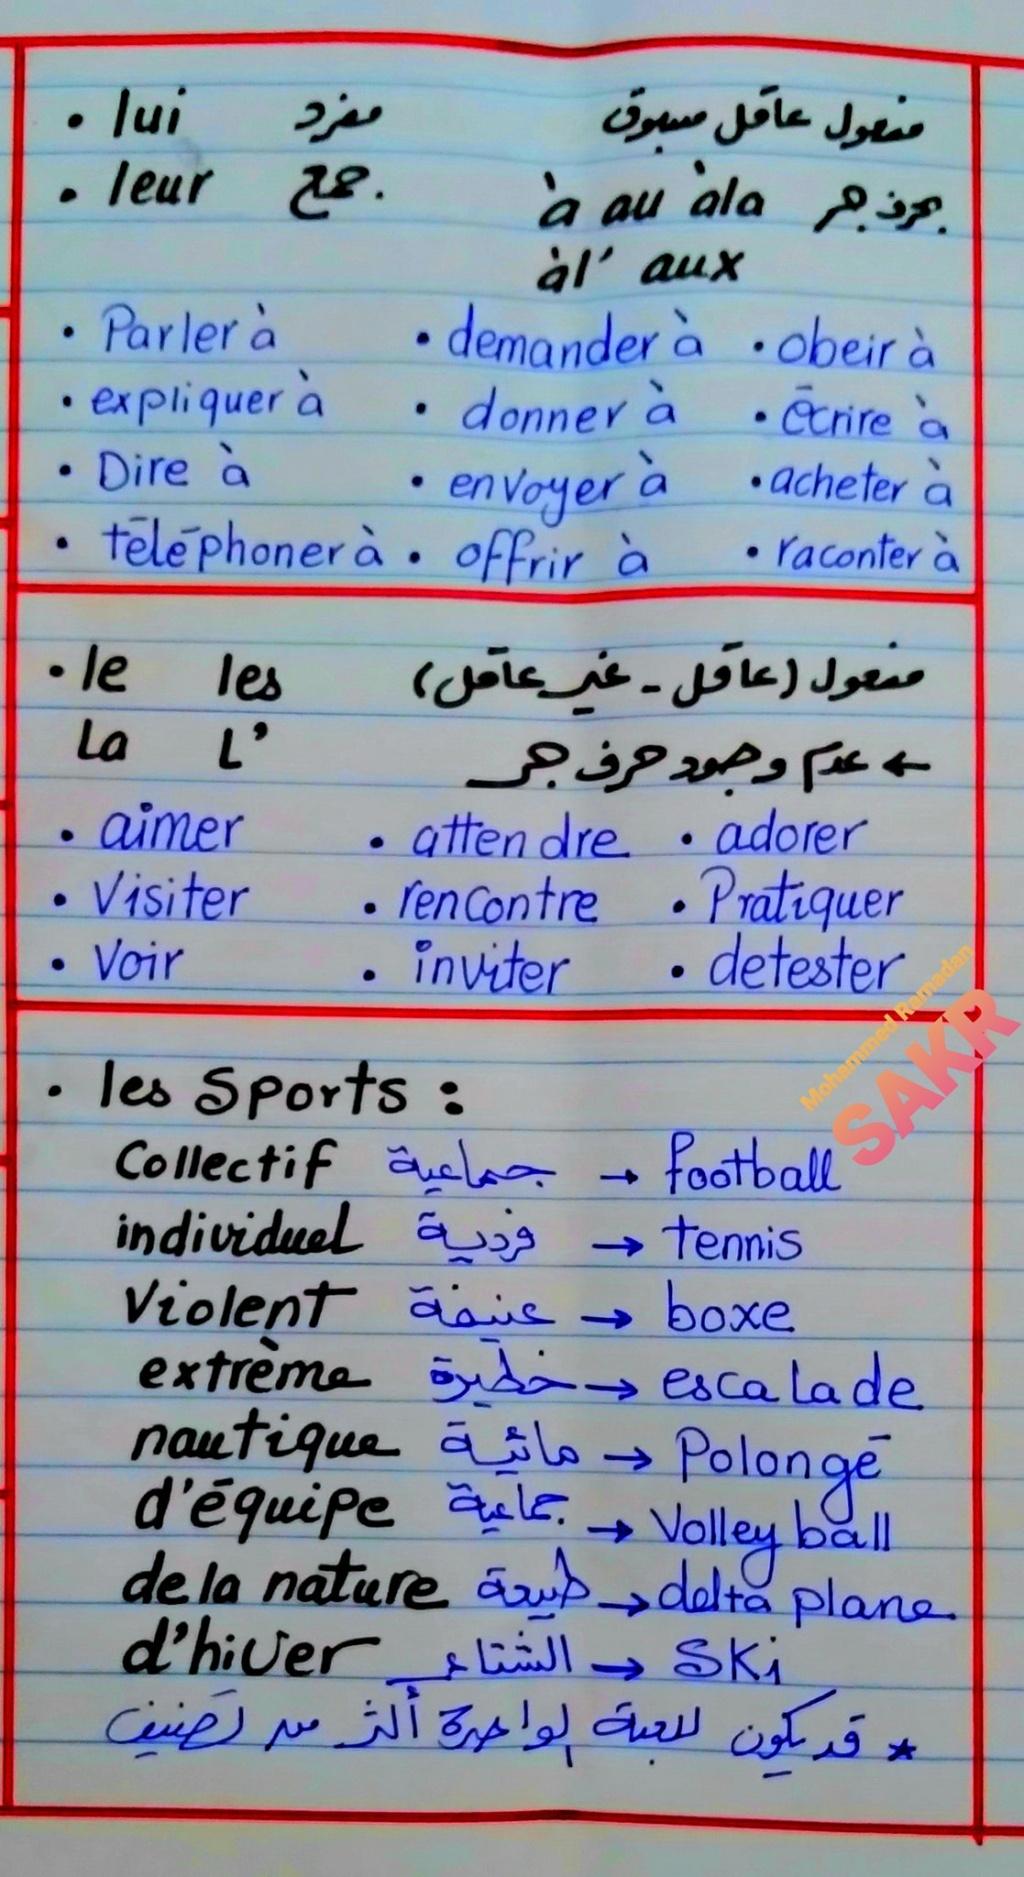 مراجعة لغة فرنسية الثالث الثانوى   ملاحظات مهمة على الوحدة الأولى 3210